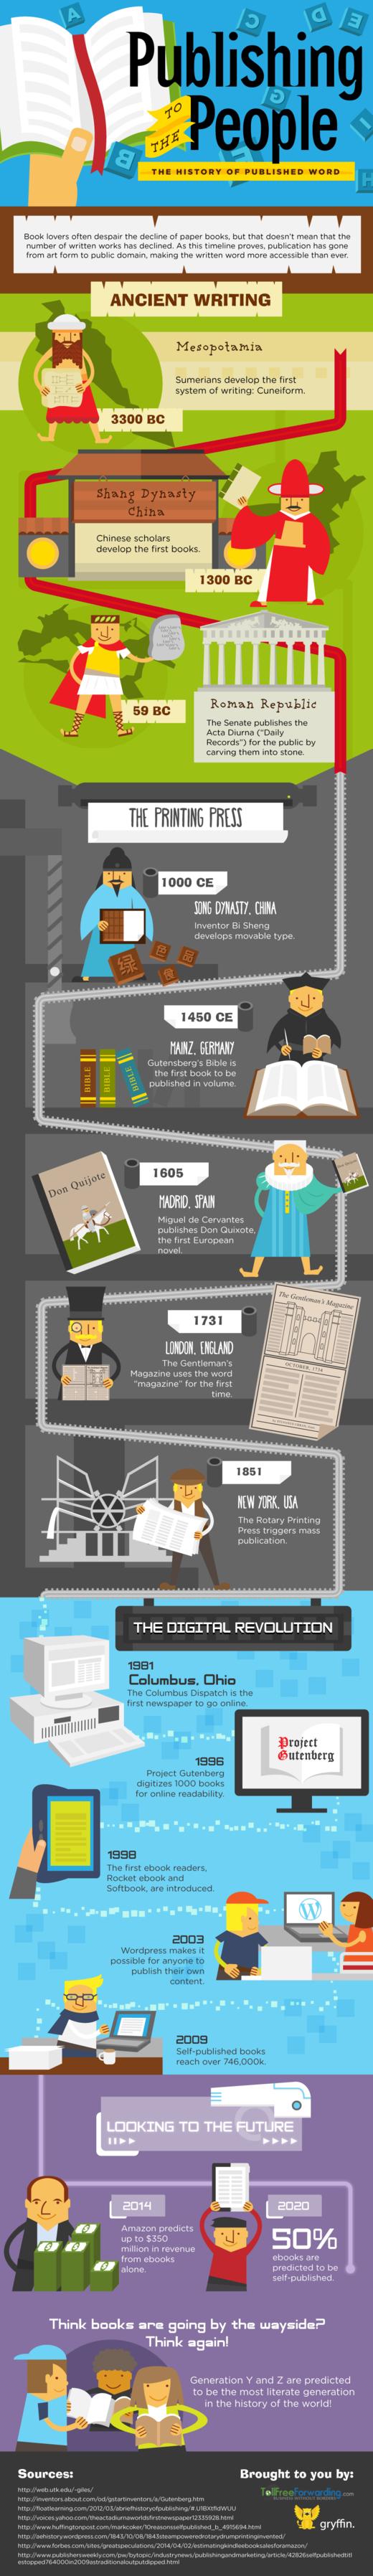 History of Publishing